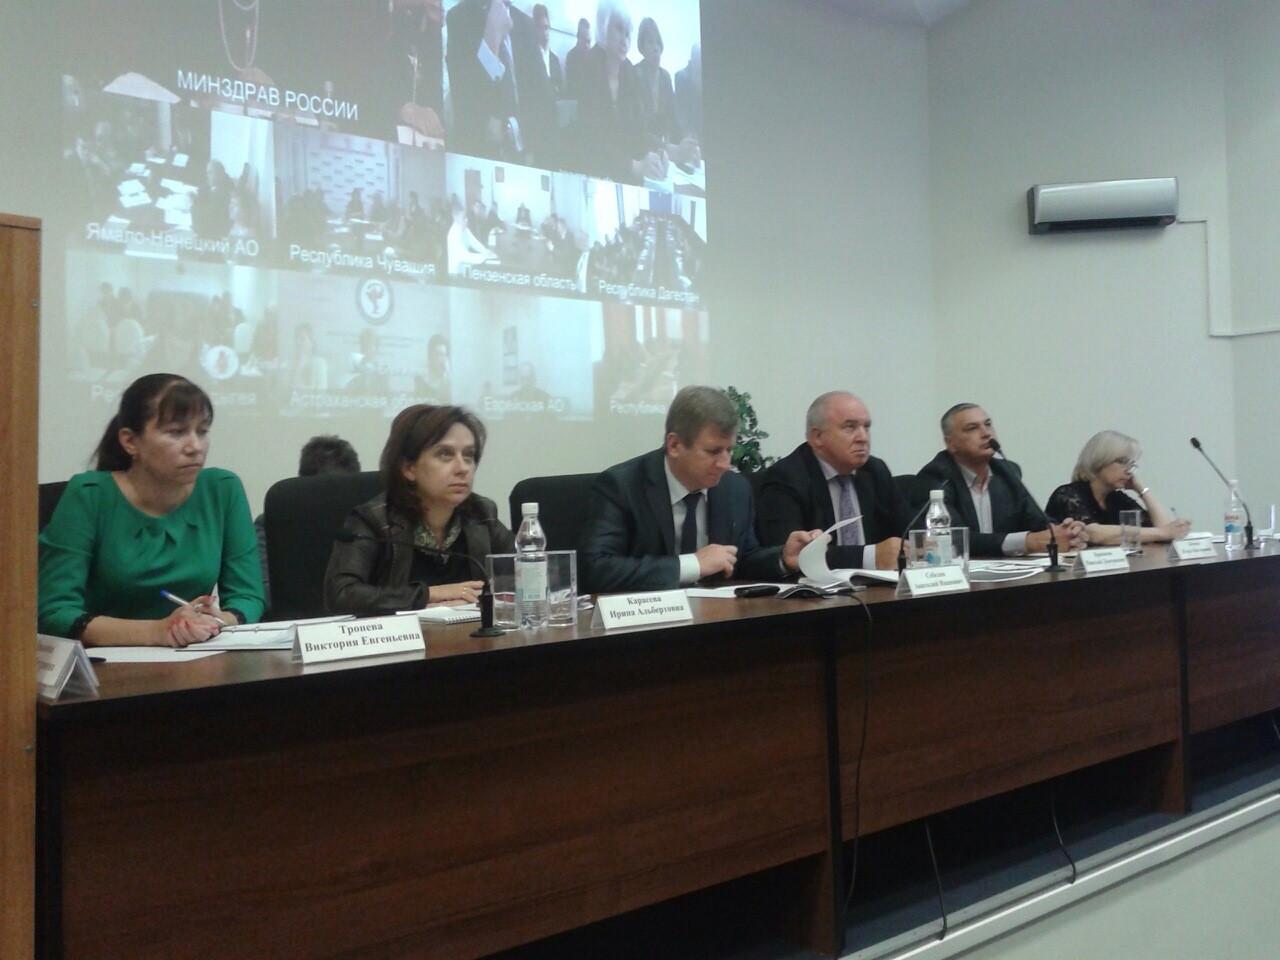 Регионам рассказали о необходимости модернизации наркологической службы